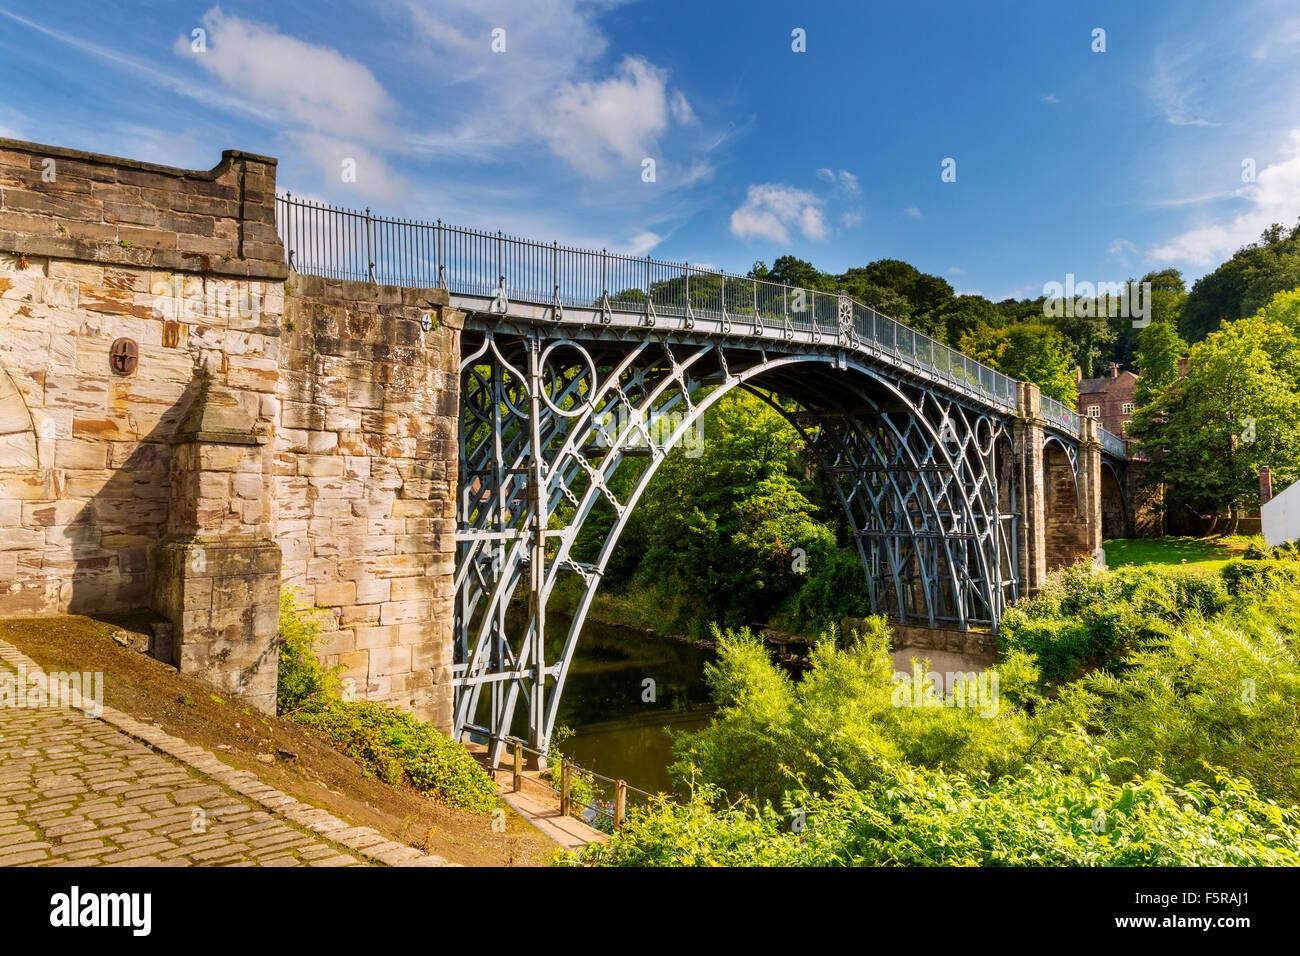 The Iron Bridge over the River Severn, Ironbridge Gorge, Shropshire, England, UK. Designed by Thomas Farnolls Pritchard - Stock Image